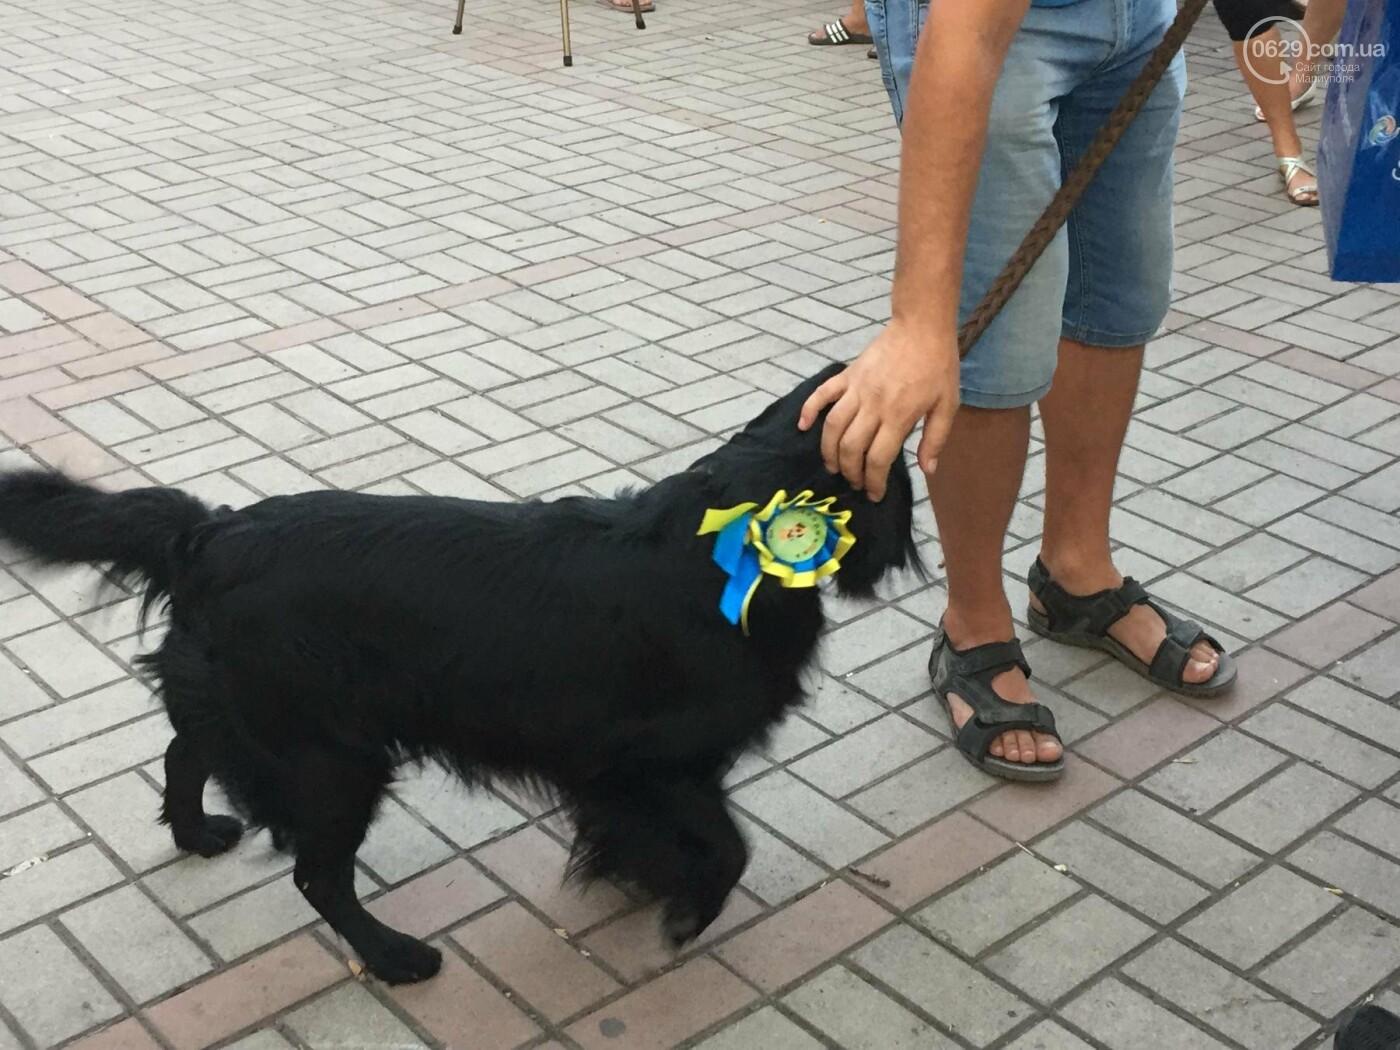 """""""Моя дворНяшка"""". В Мариуполе выбрали самую лучшую беспородную собаку, -  ФОТО, ВИДЕО, фото-11"""